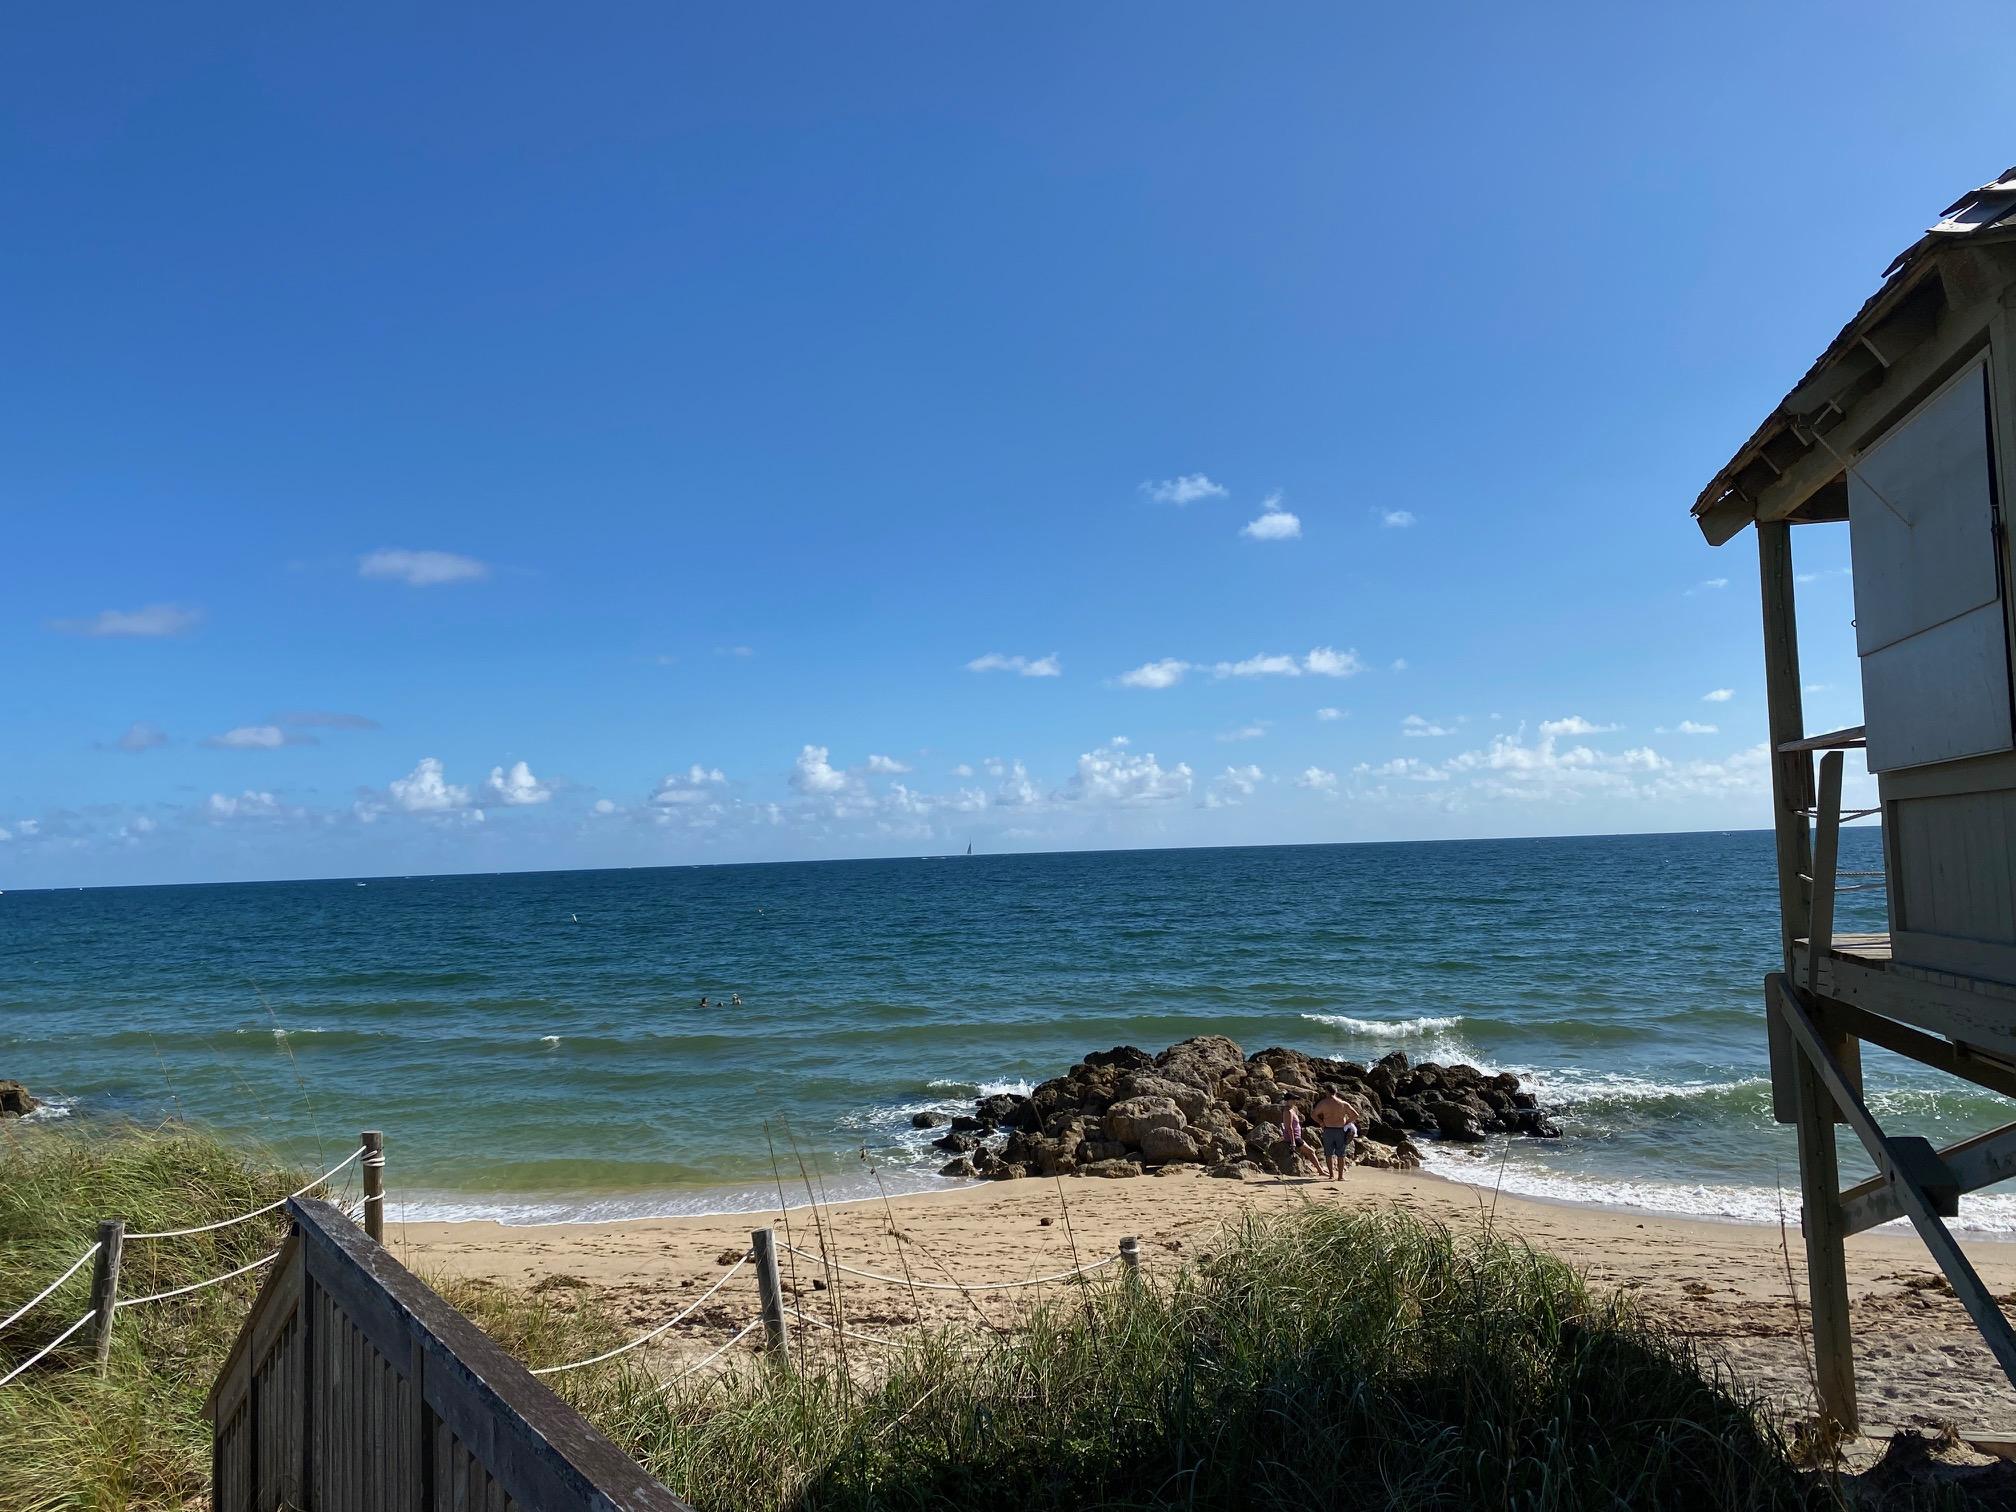 Drug rehab near Deerfield beach, florida